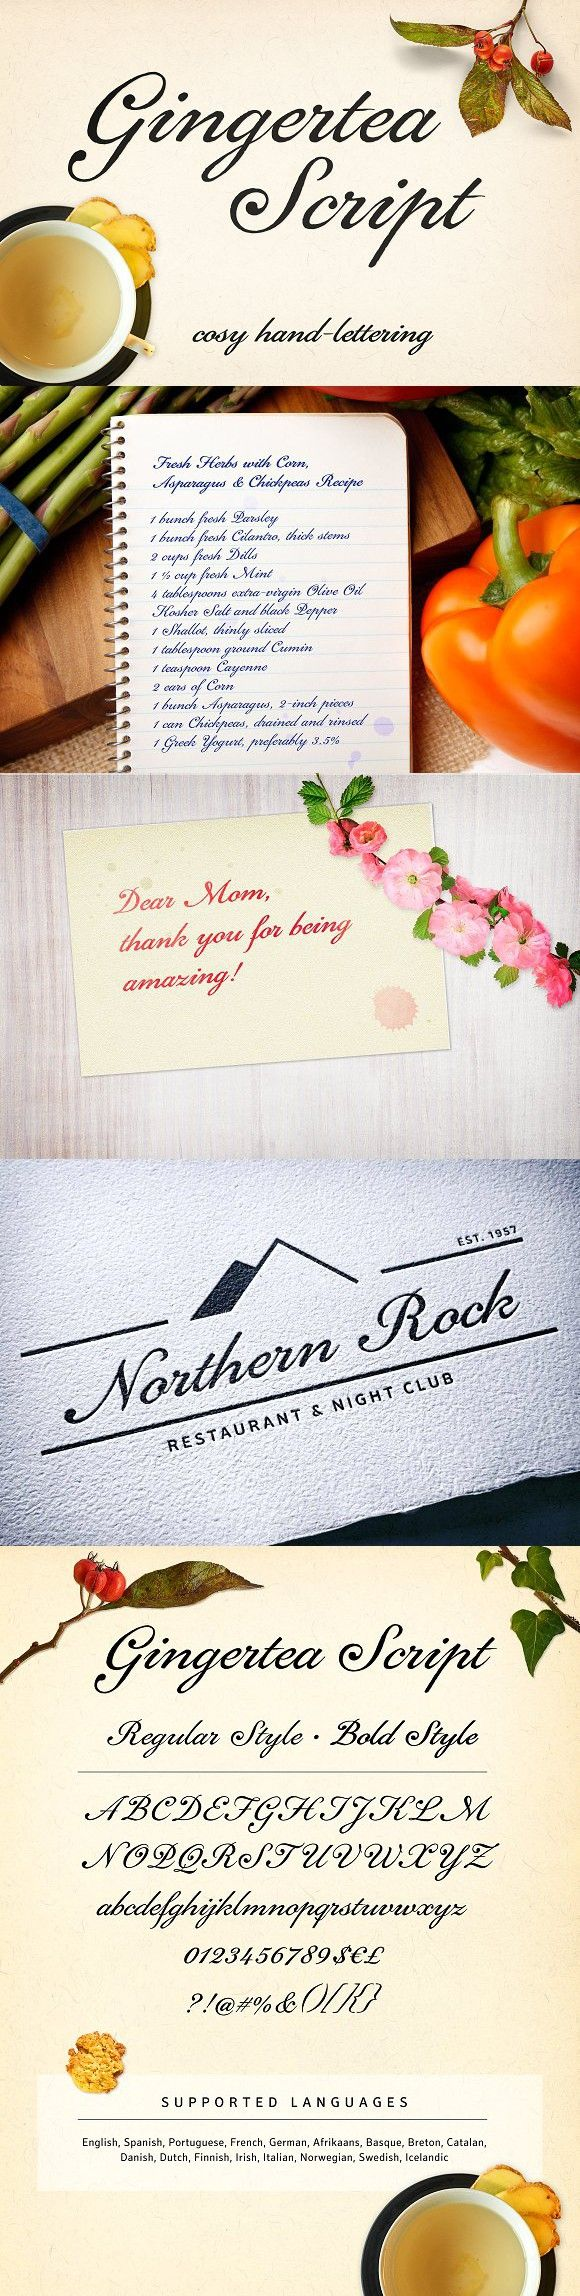 cursive fonts for wedding cards%0A Gingertea Script Font  Script Fonts            Wedding FontsWedding CardsSmileRomantic